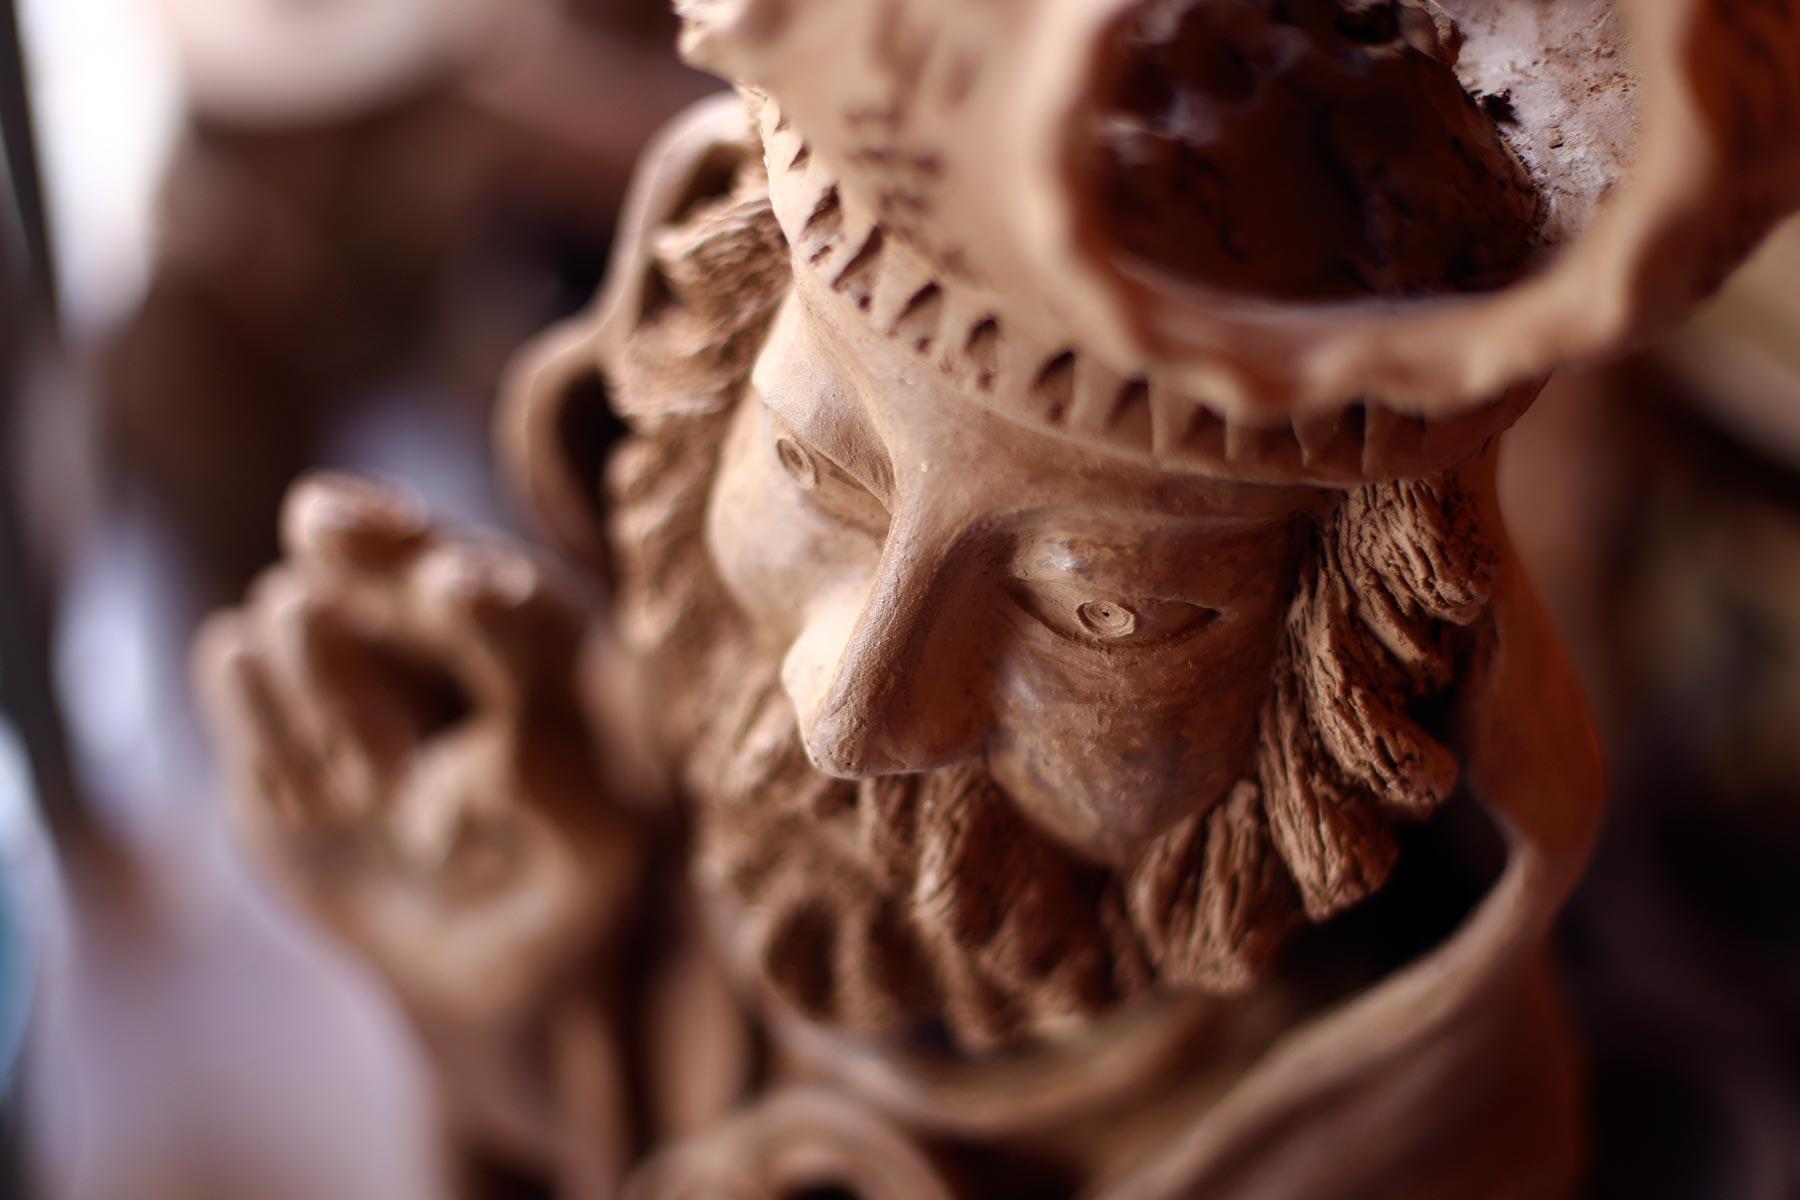 Os santos feitos por mestre Zuza são feitos de forma totalmente manual e inspirados na cultura pernambucana